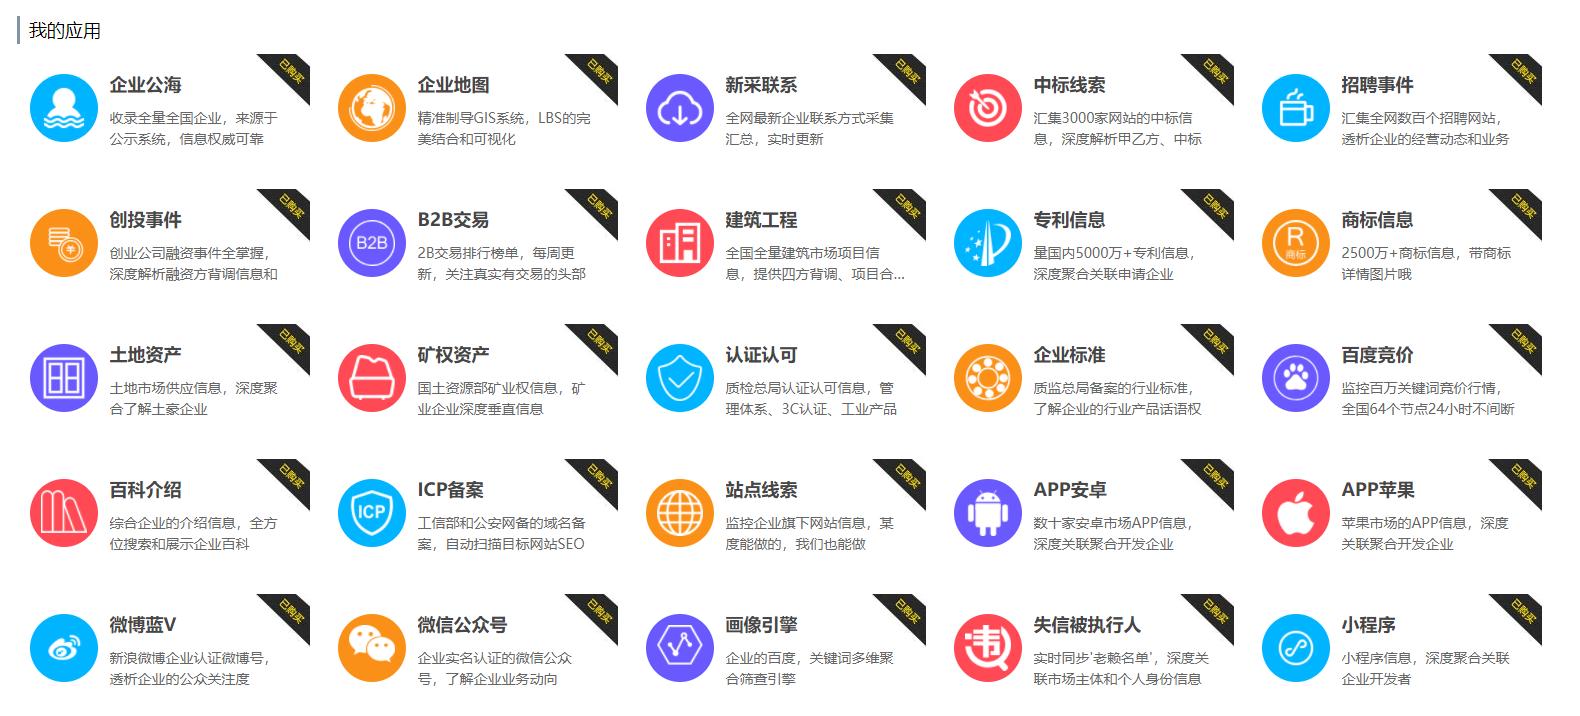 蛛罗迹获客系统功能模块介绍